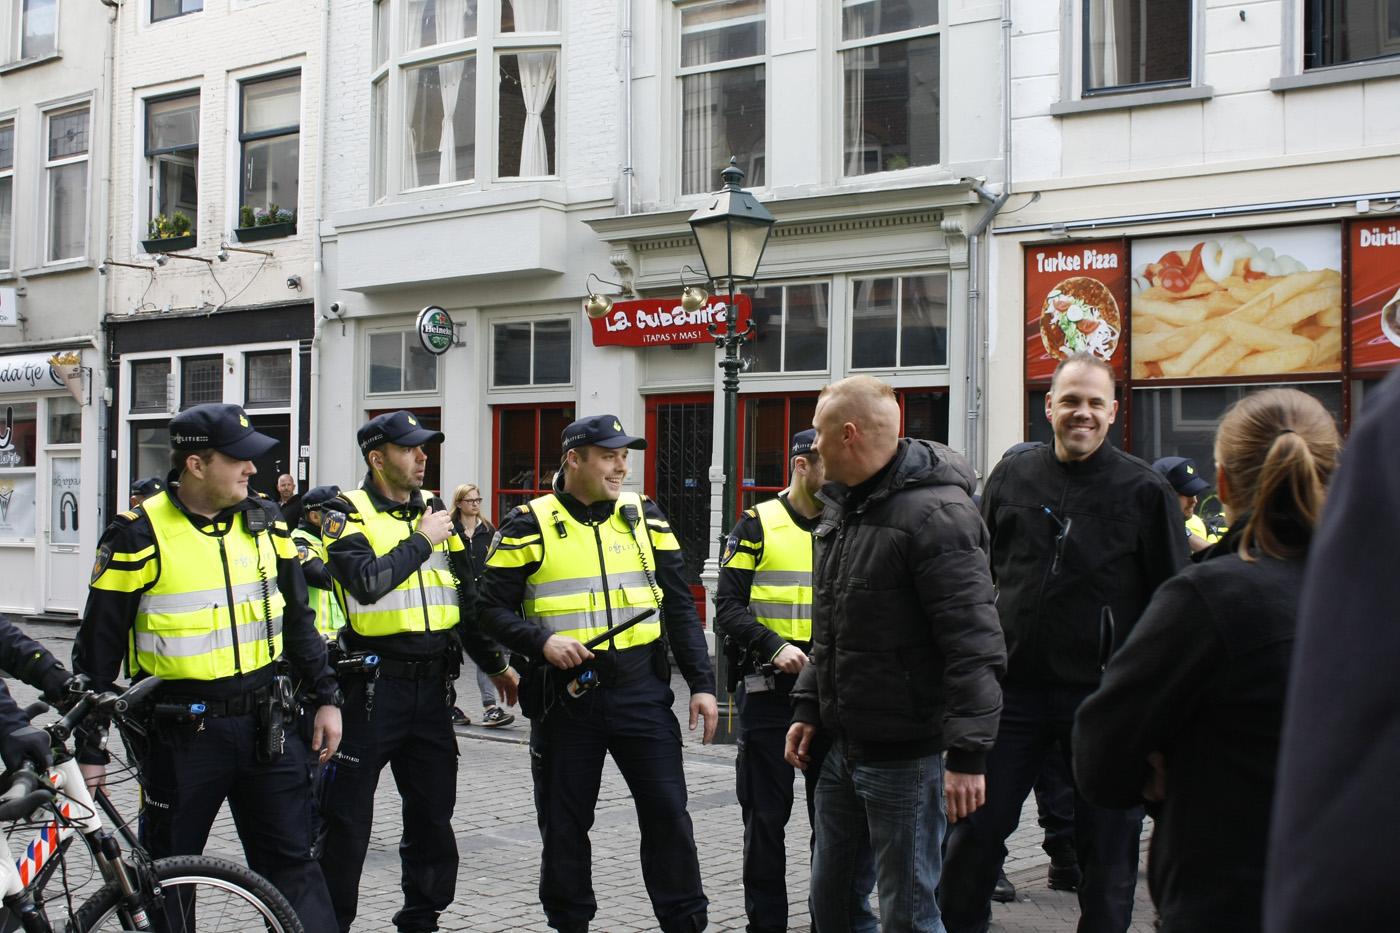 De politie oefent dinsdag 19 april op situaties in het uitgaansleven in Breda.